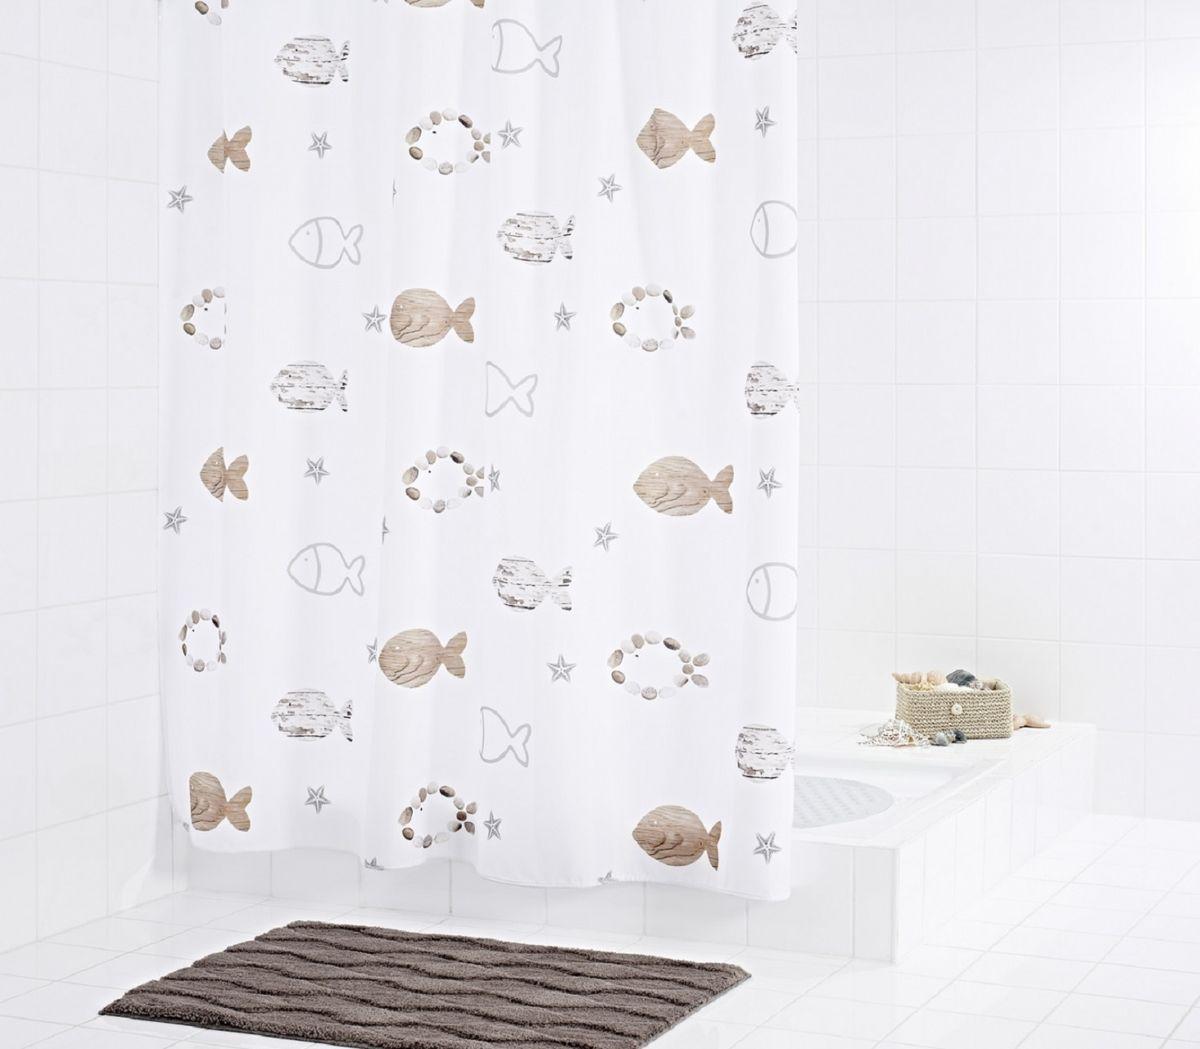 Штора для ванной комнаты Ridder Fishes, цвет: бежевый, коричневый, 180 х 200 см47819Штора для ванной комнаты Ridder Fishes, изготовленная из текстиля с антигрибковым и антистатическим покрытием, отлично дополнит любой интерьер ванной комнаты. Нижний кант утяжелен каучуковой лентой.